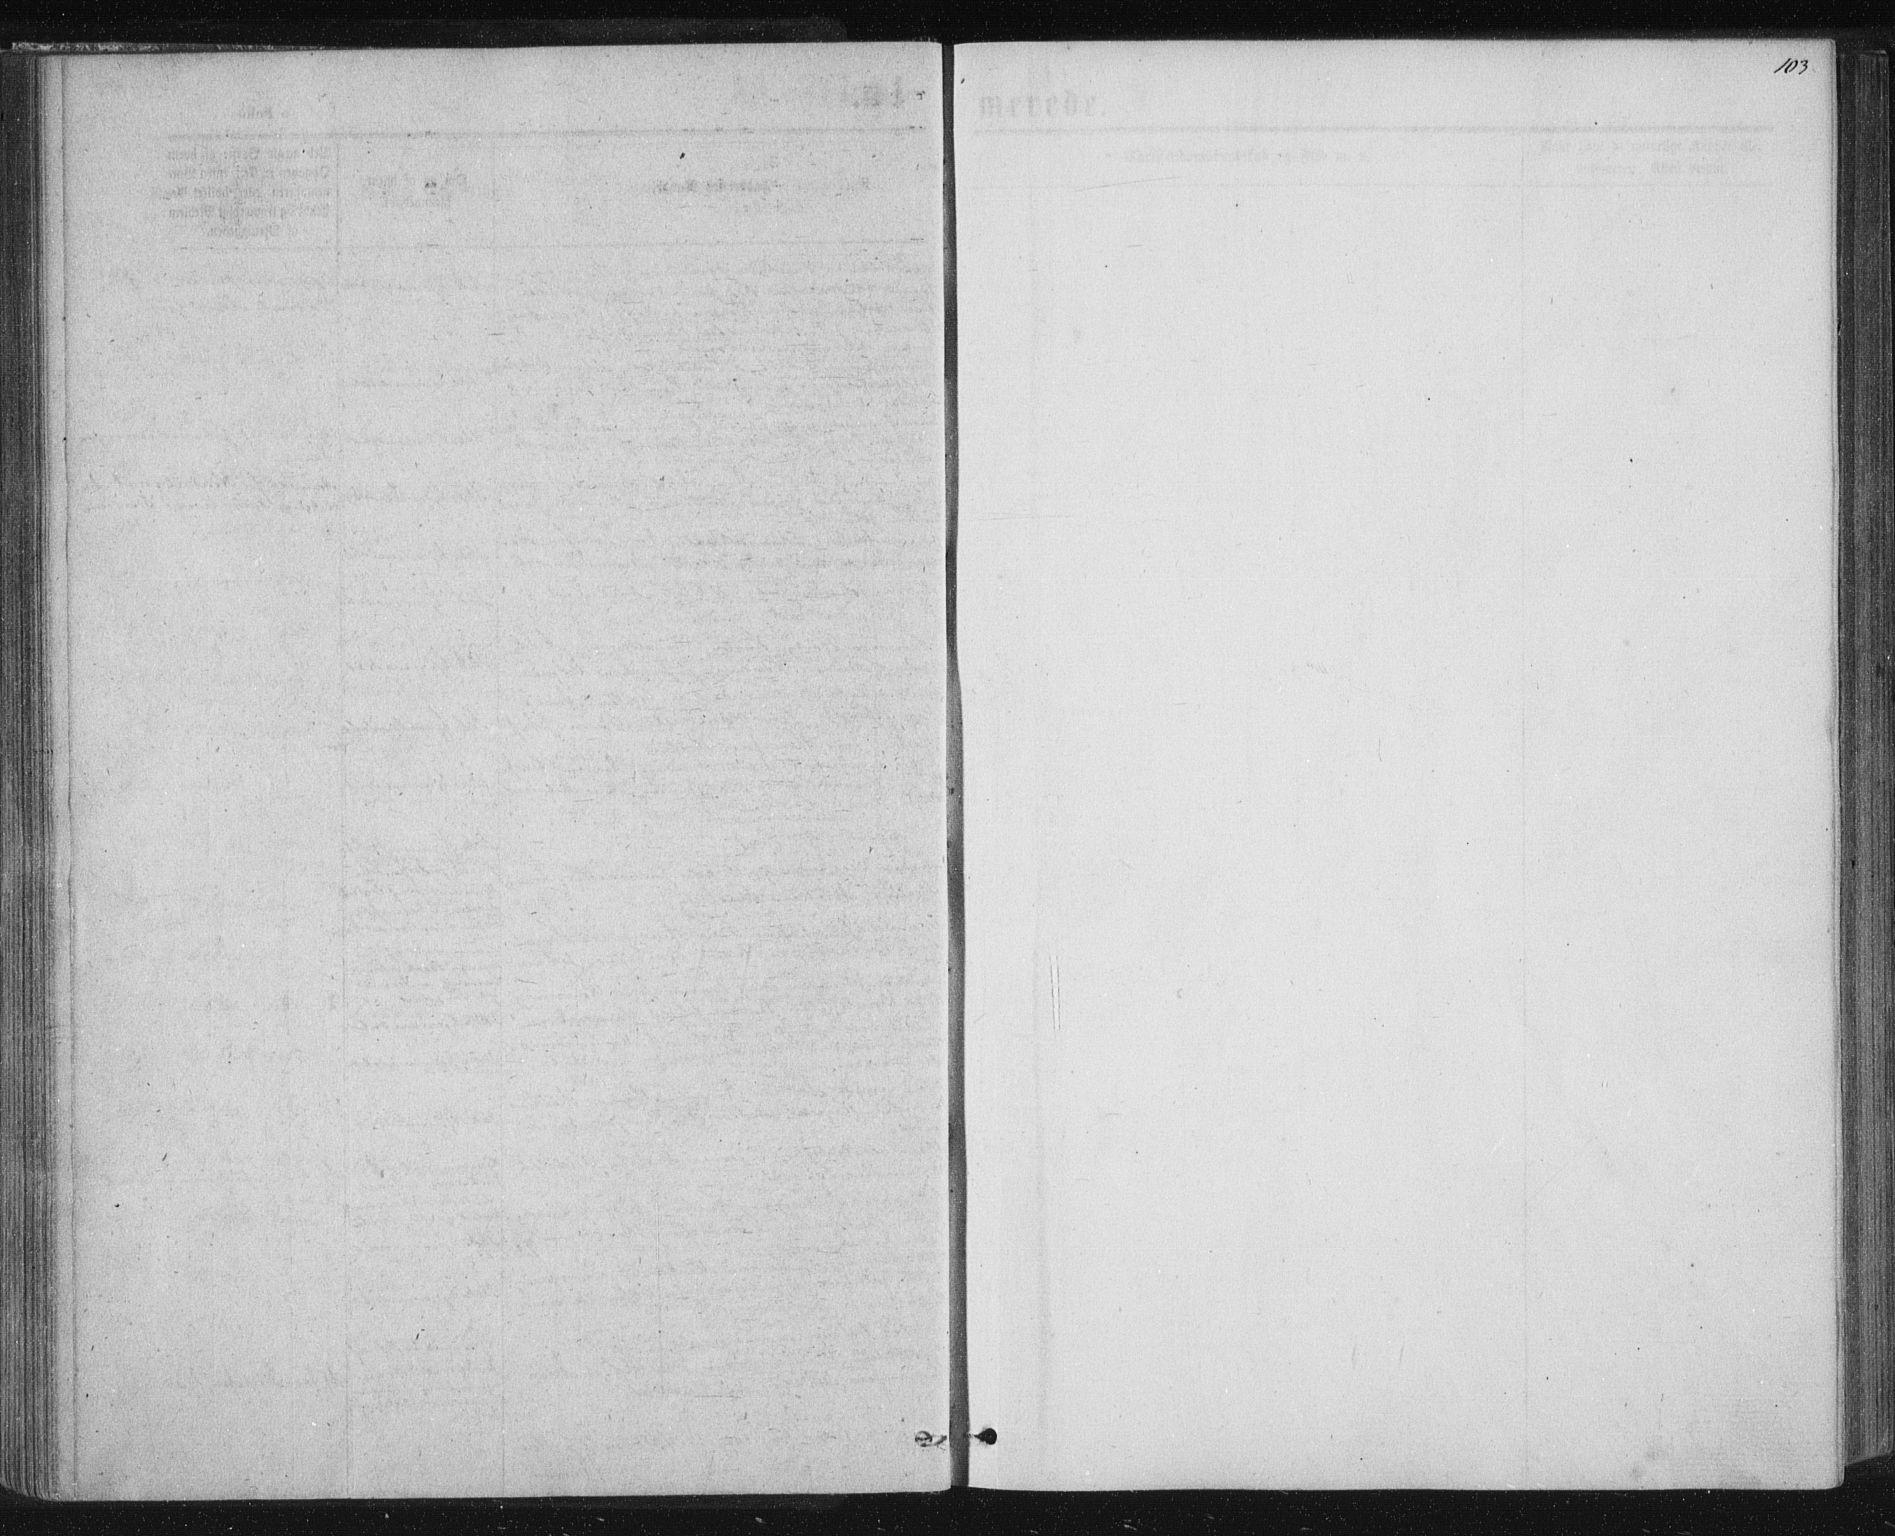 SAT, Ministerialprotokoller, klokkerbøker og fødselsregistre - Nord-Trøndelag, 768/L0570: Ministerialbok nr. 768A05, 1865-1874, s. 103